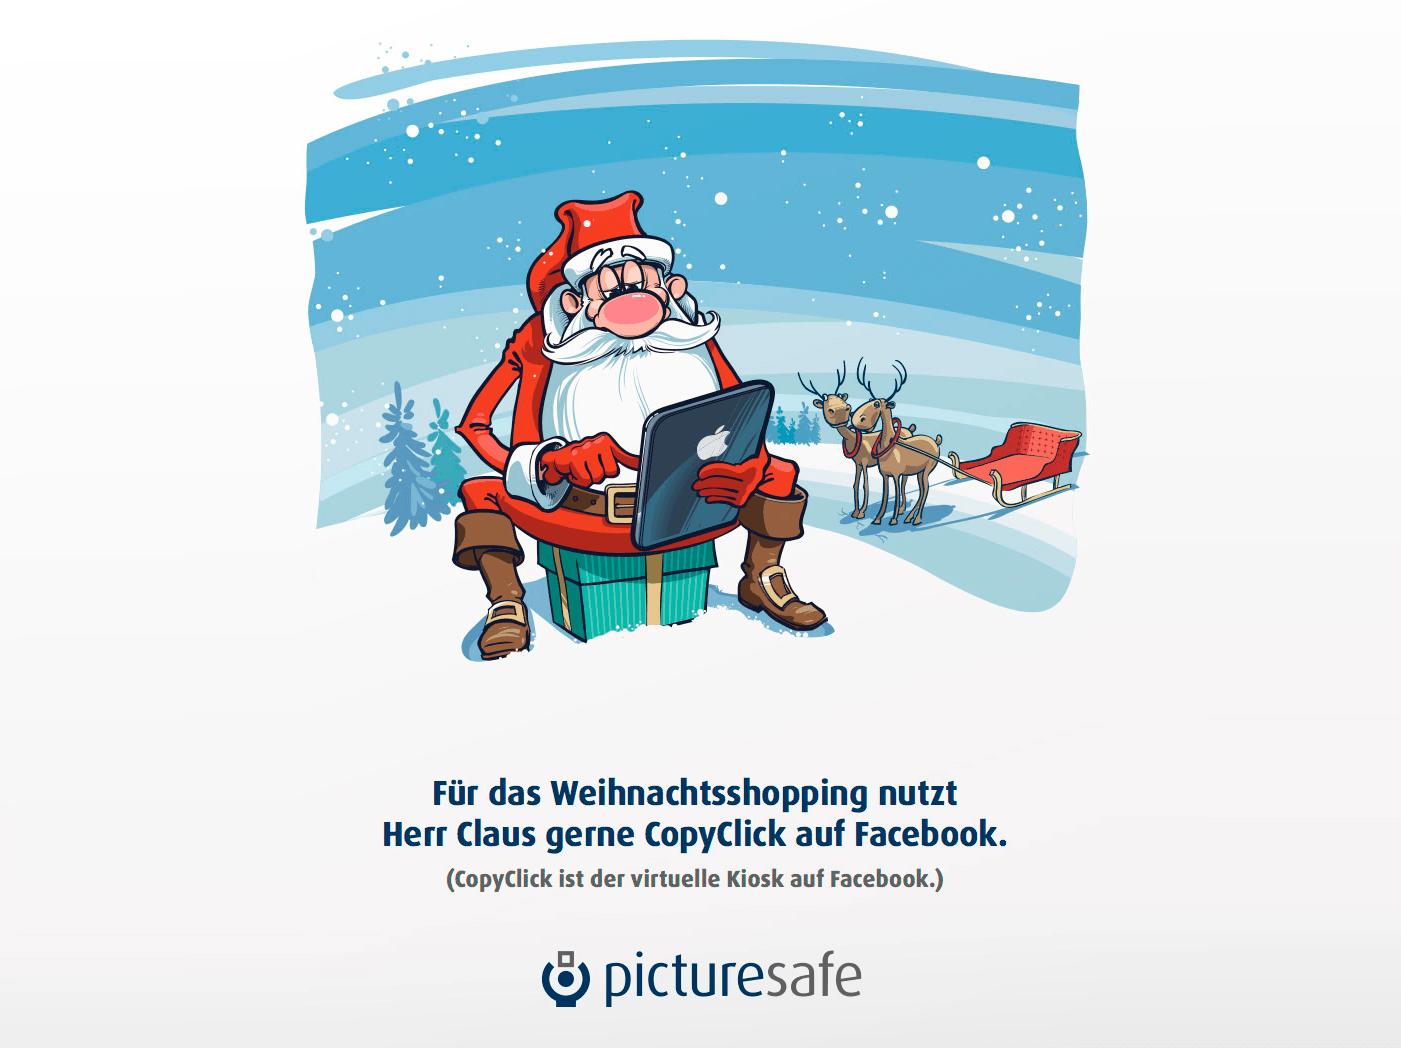 kress.de kürt Ende 2010 leider keine Weihnachtskarten